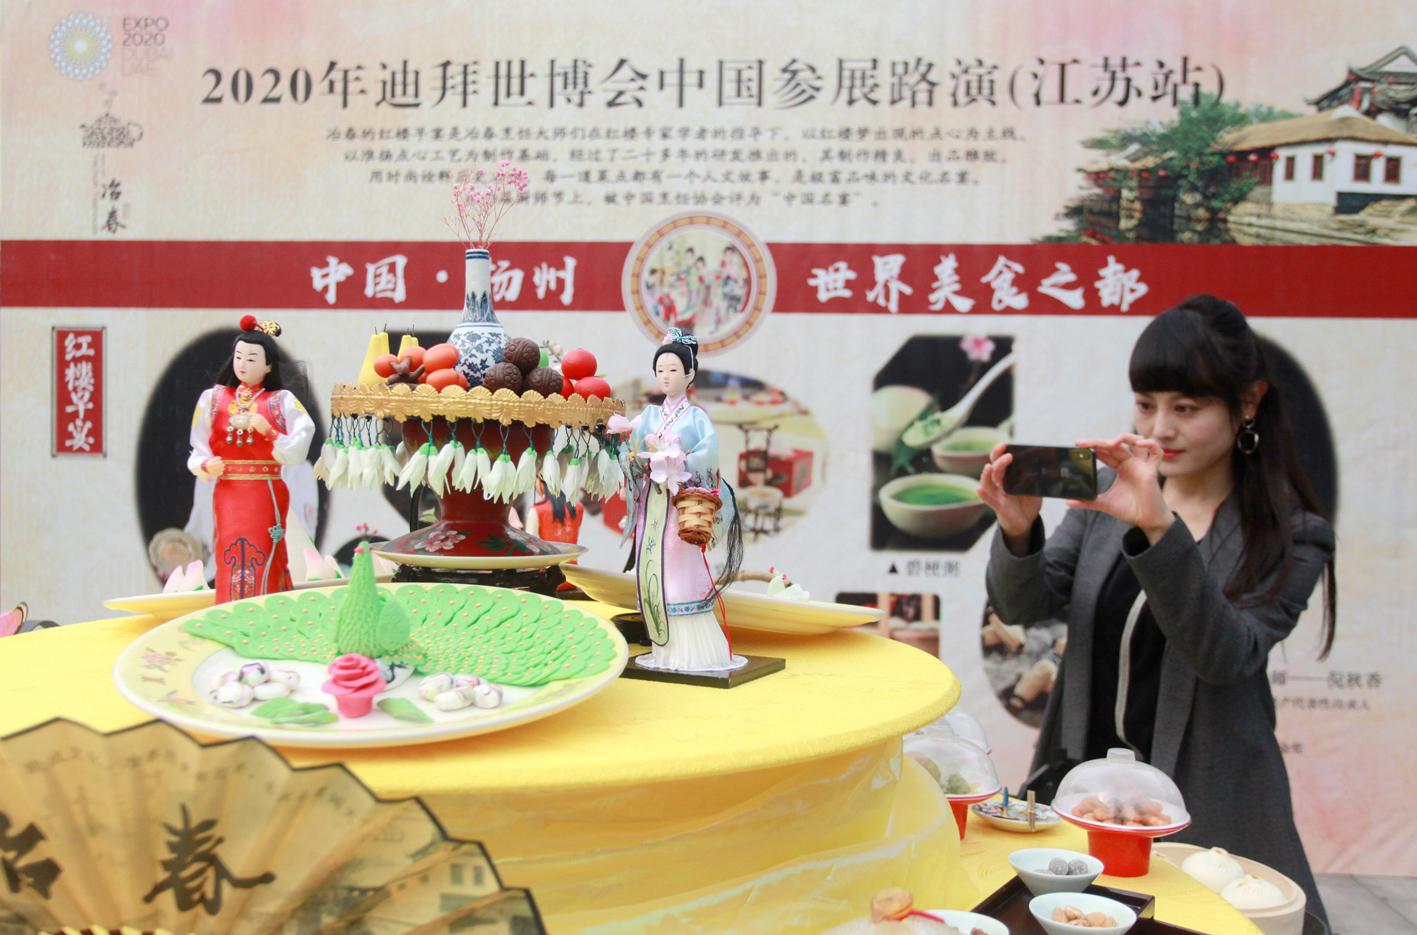 迪拜世博会中国馆餐厅冶春来运营向全球观众展示扬州美食